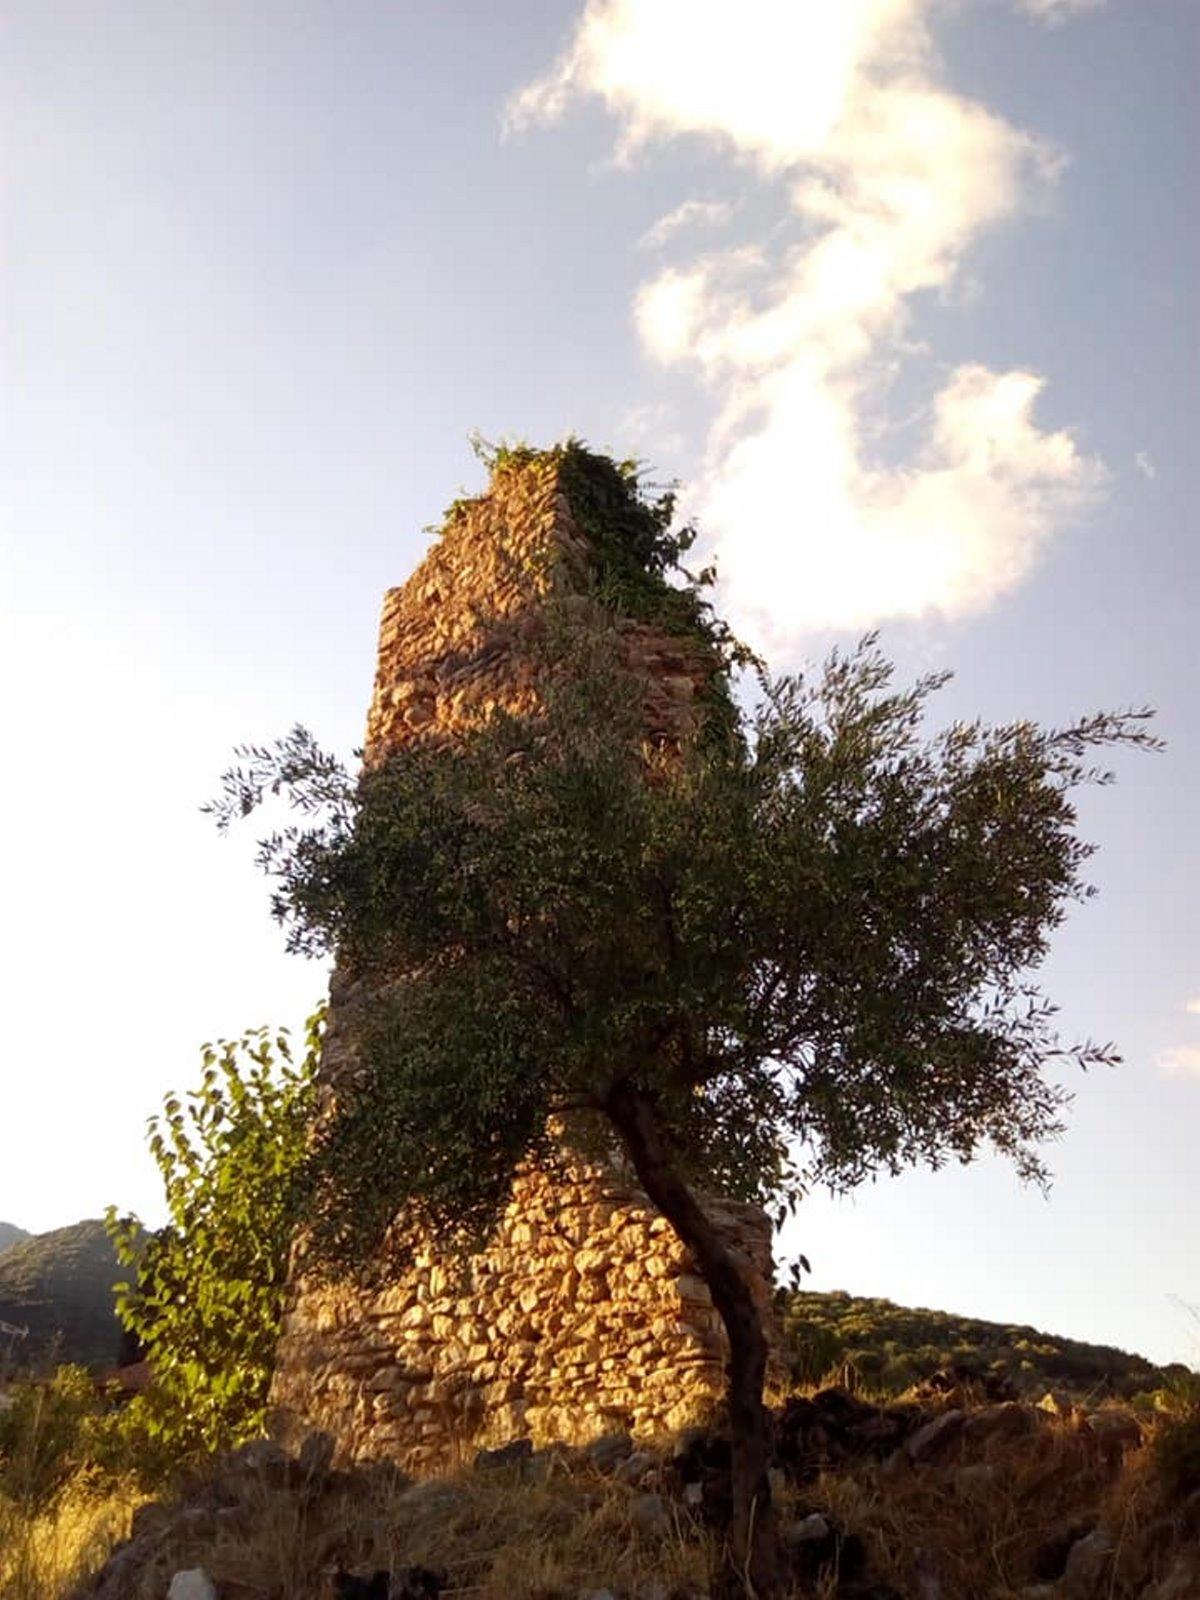 ερειπωμένος πύργος στο μαγγανιακό Μεσσηνίας